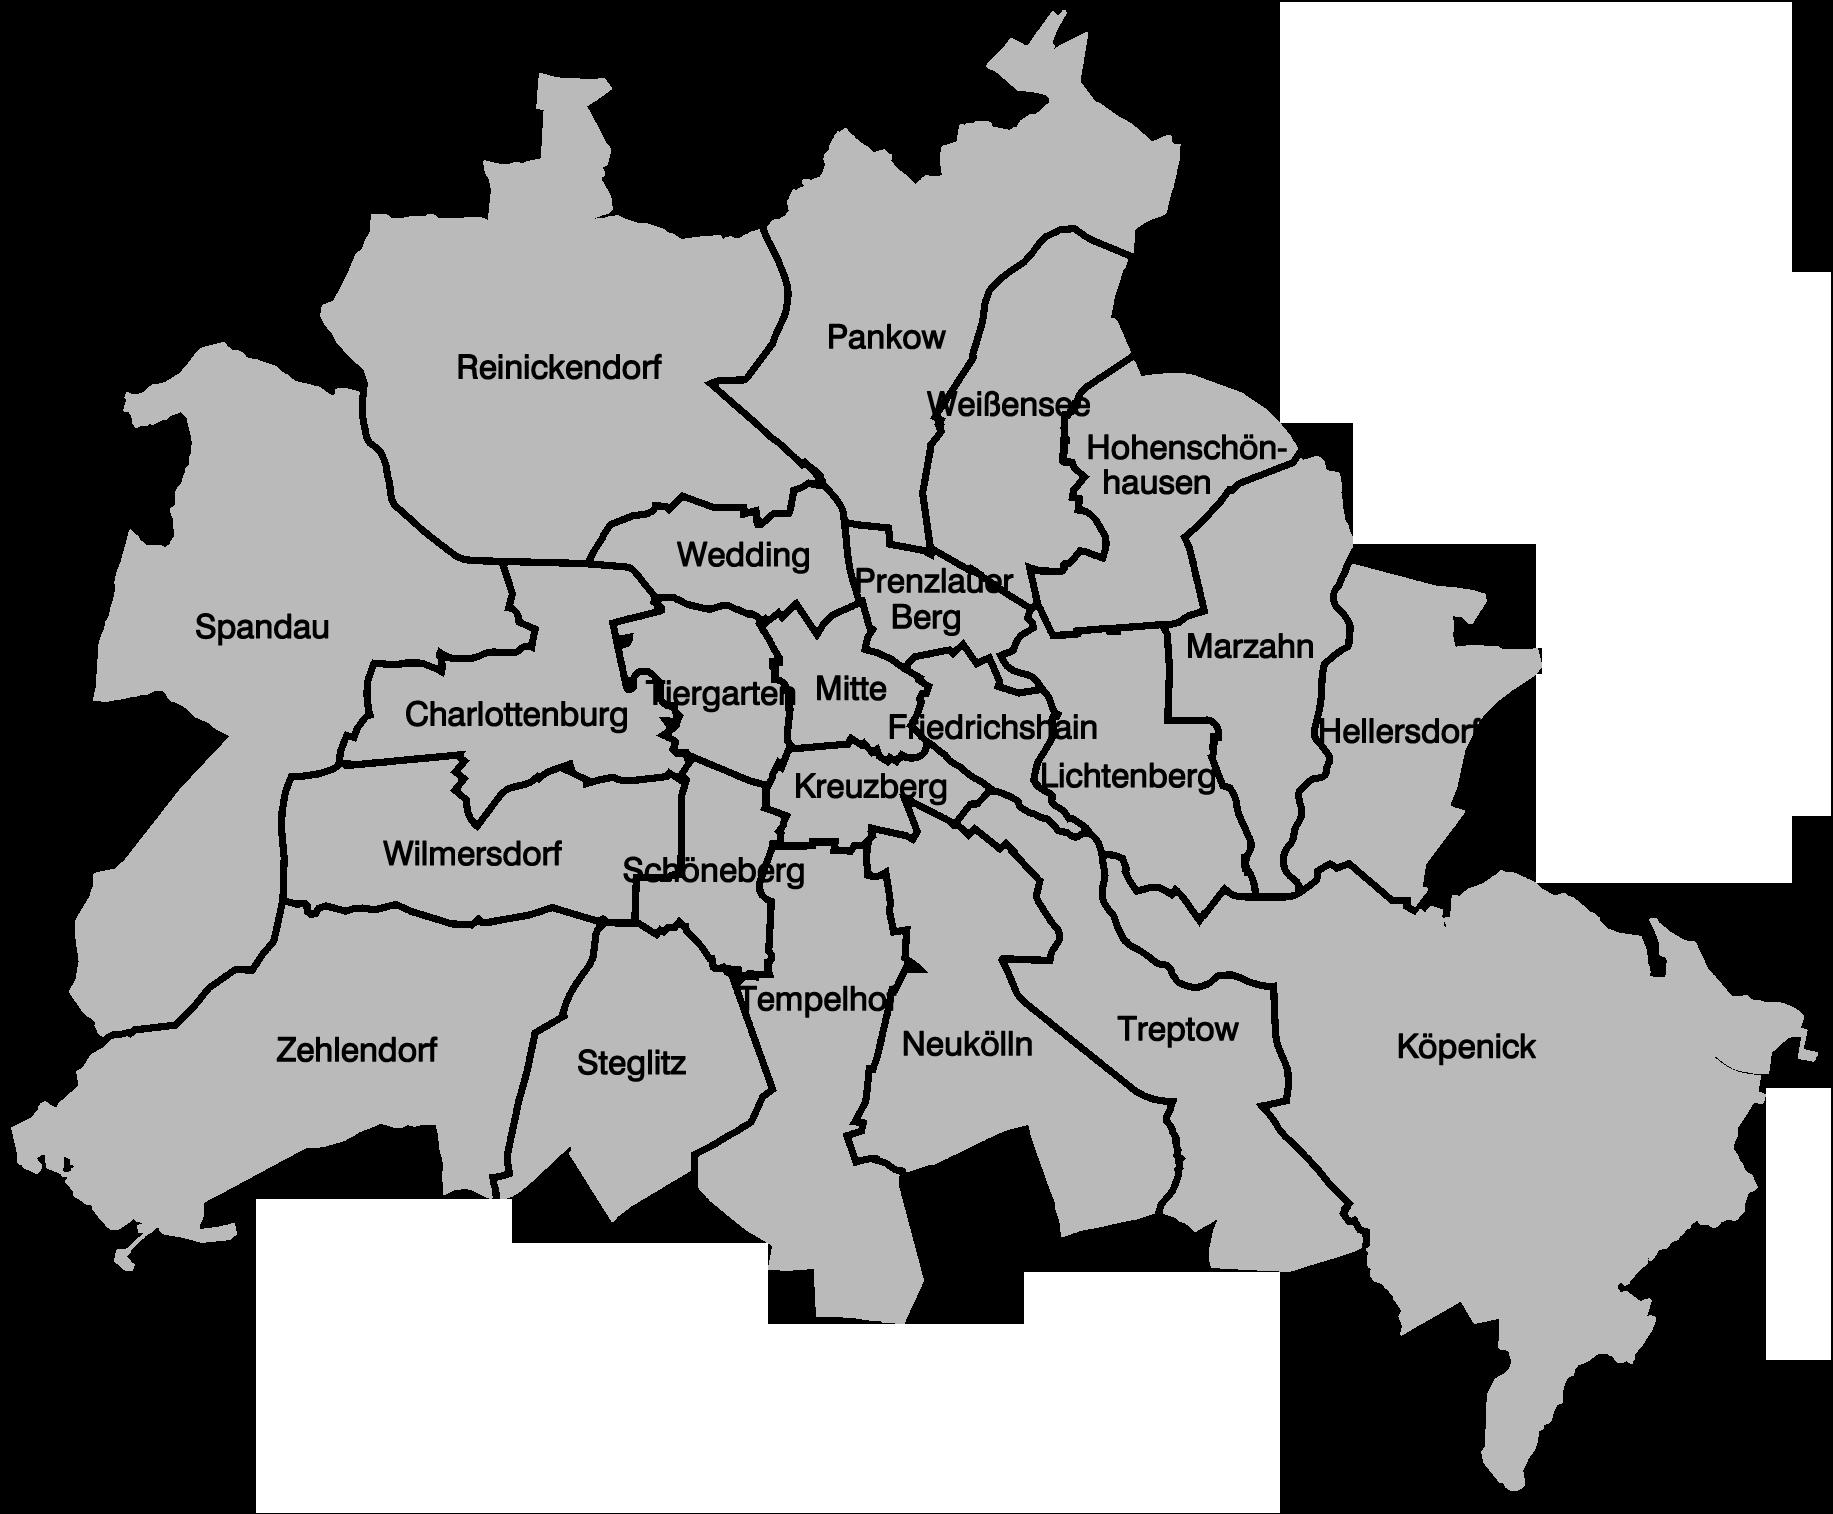 berlin stadtteile karte Liste der Verwaltungsbezirke Berlins seit 1920 – Wikipedia